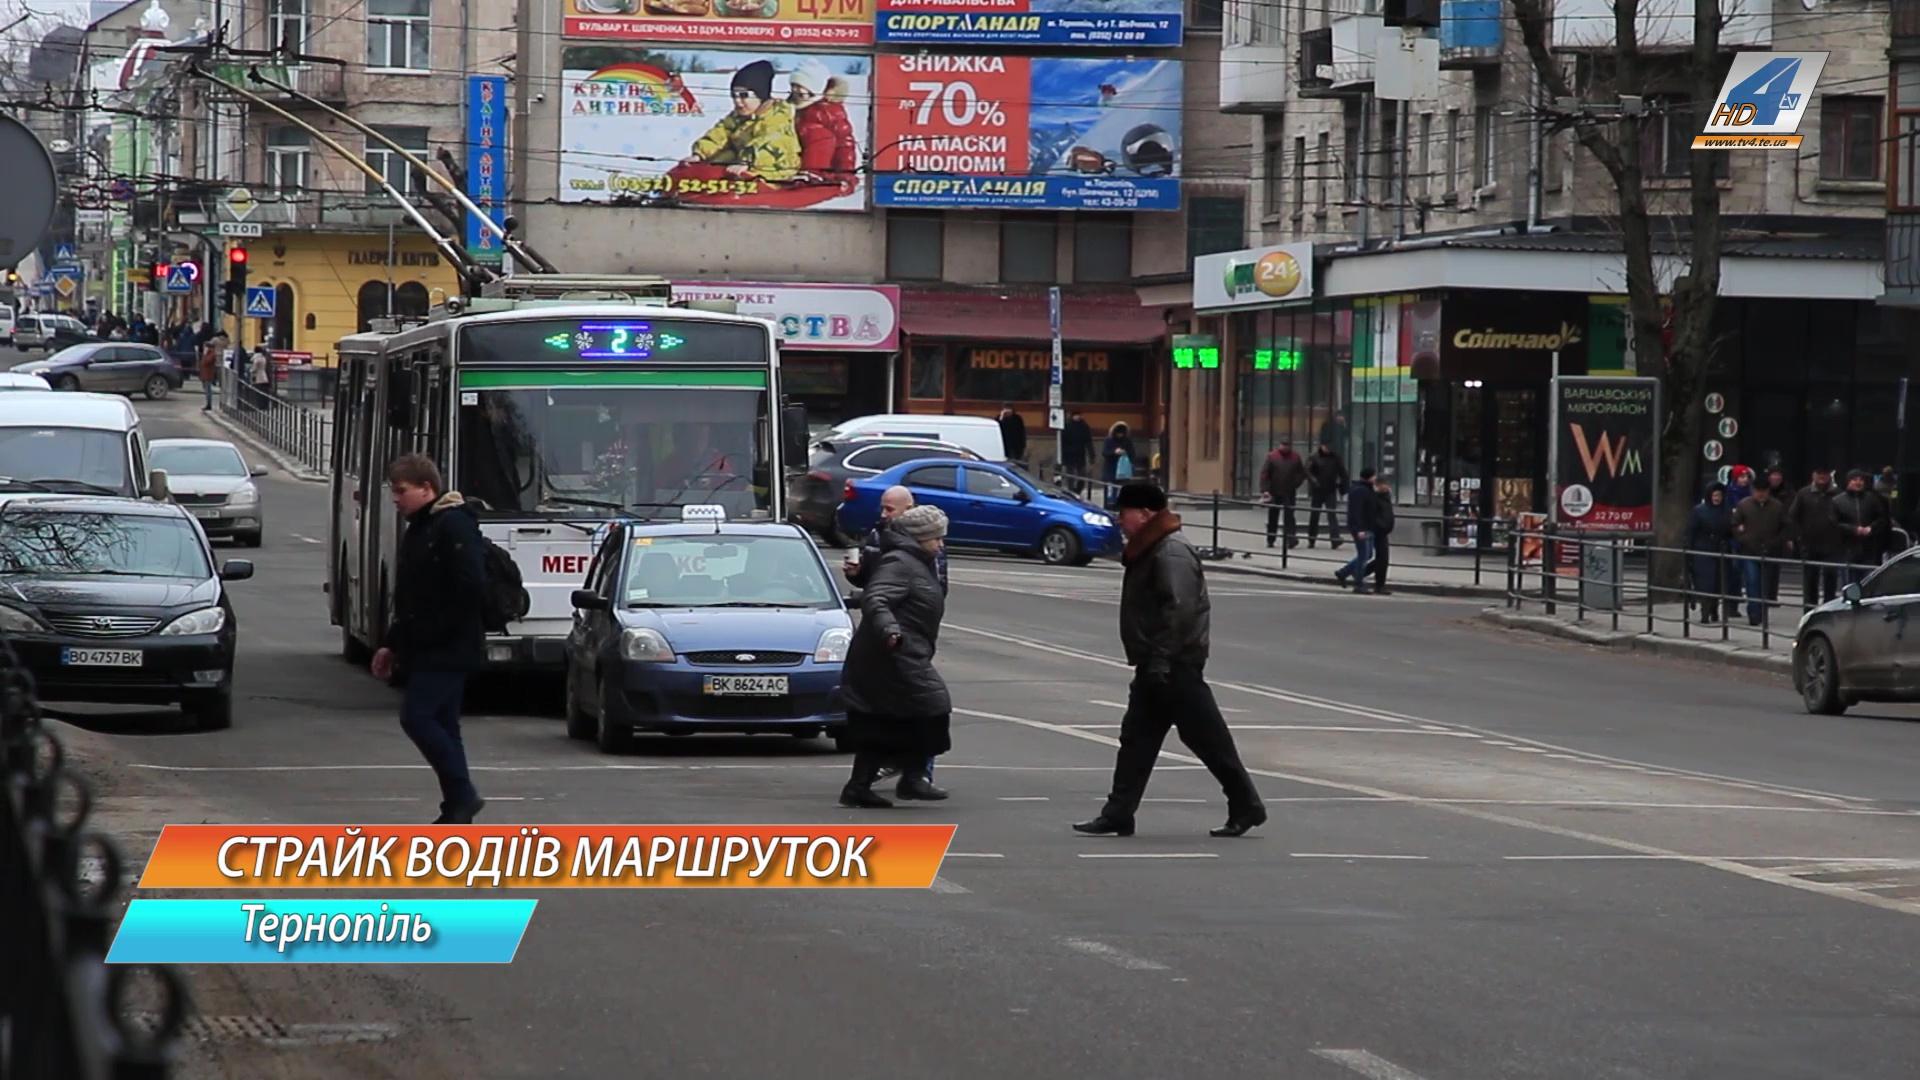 Чи був «транспортний колапс» у Тернополі?